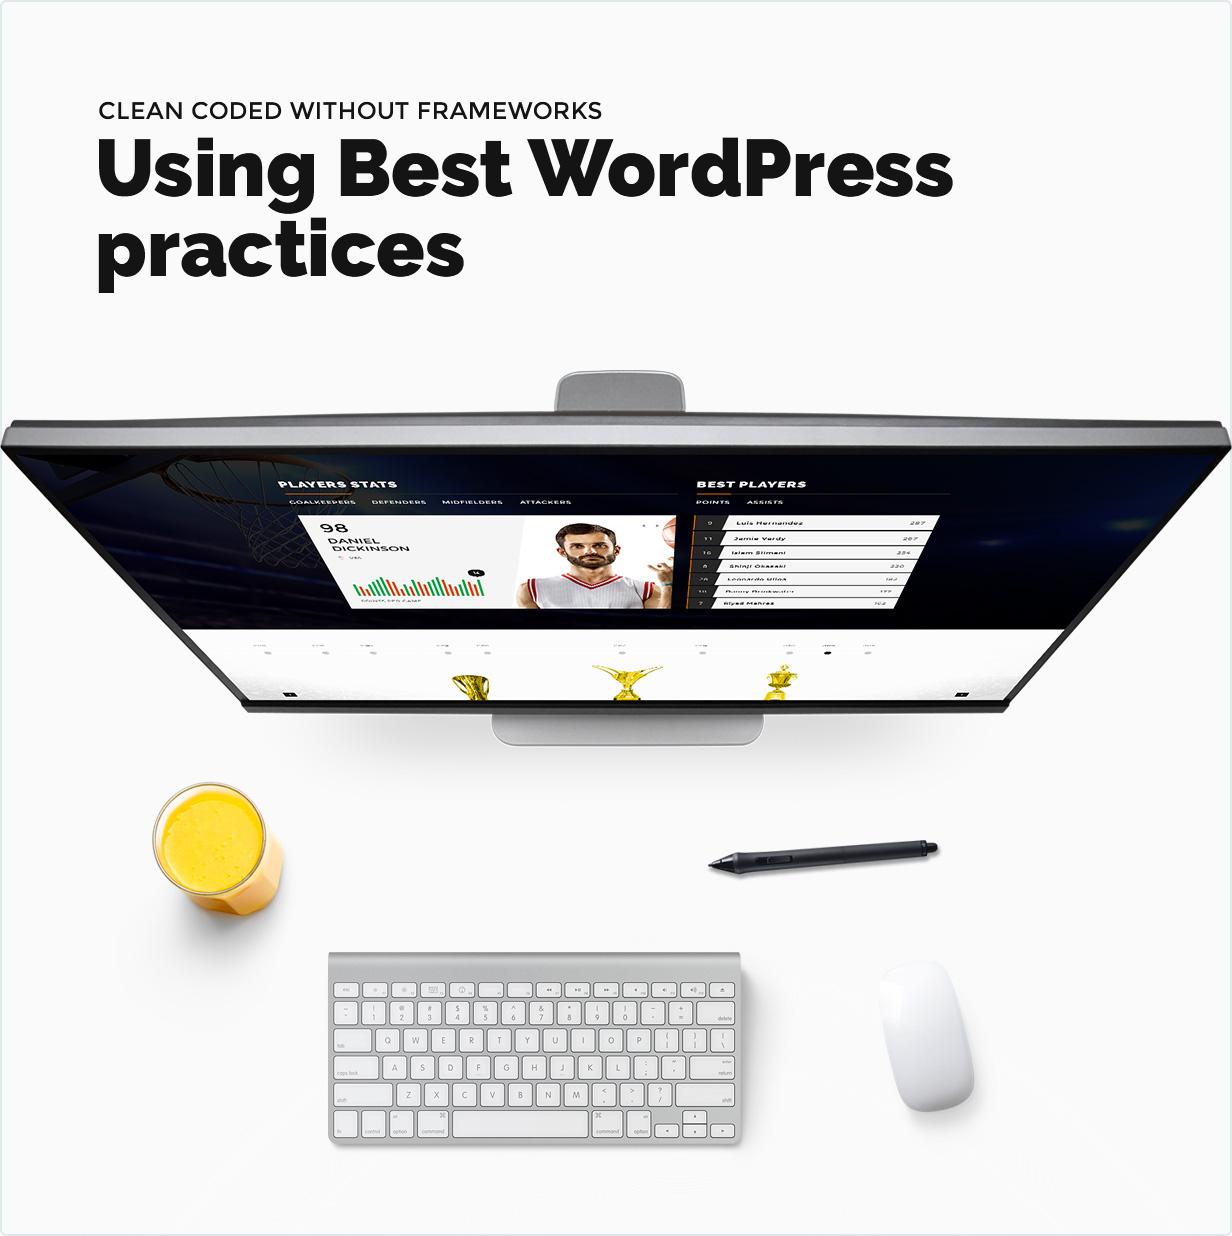 Mit den besten WordPress-Praktiken